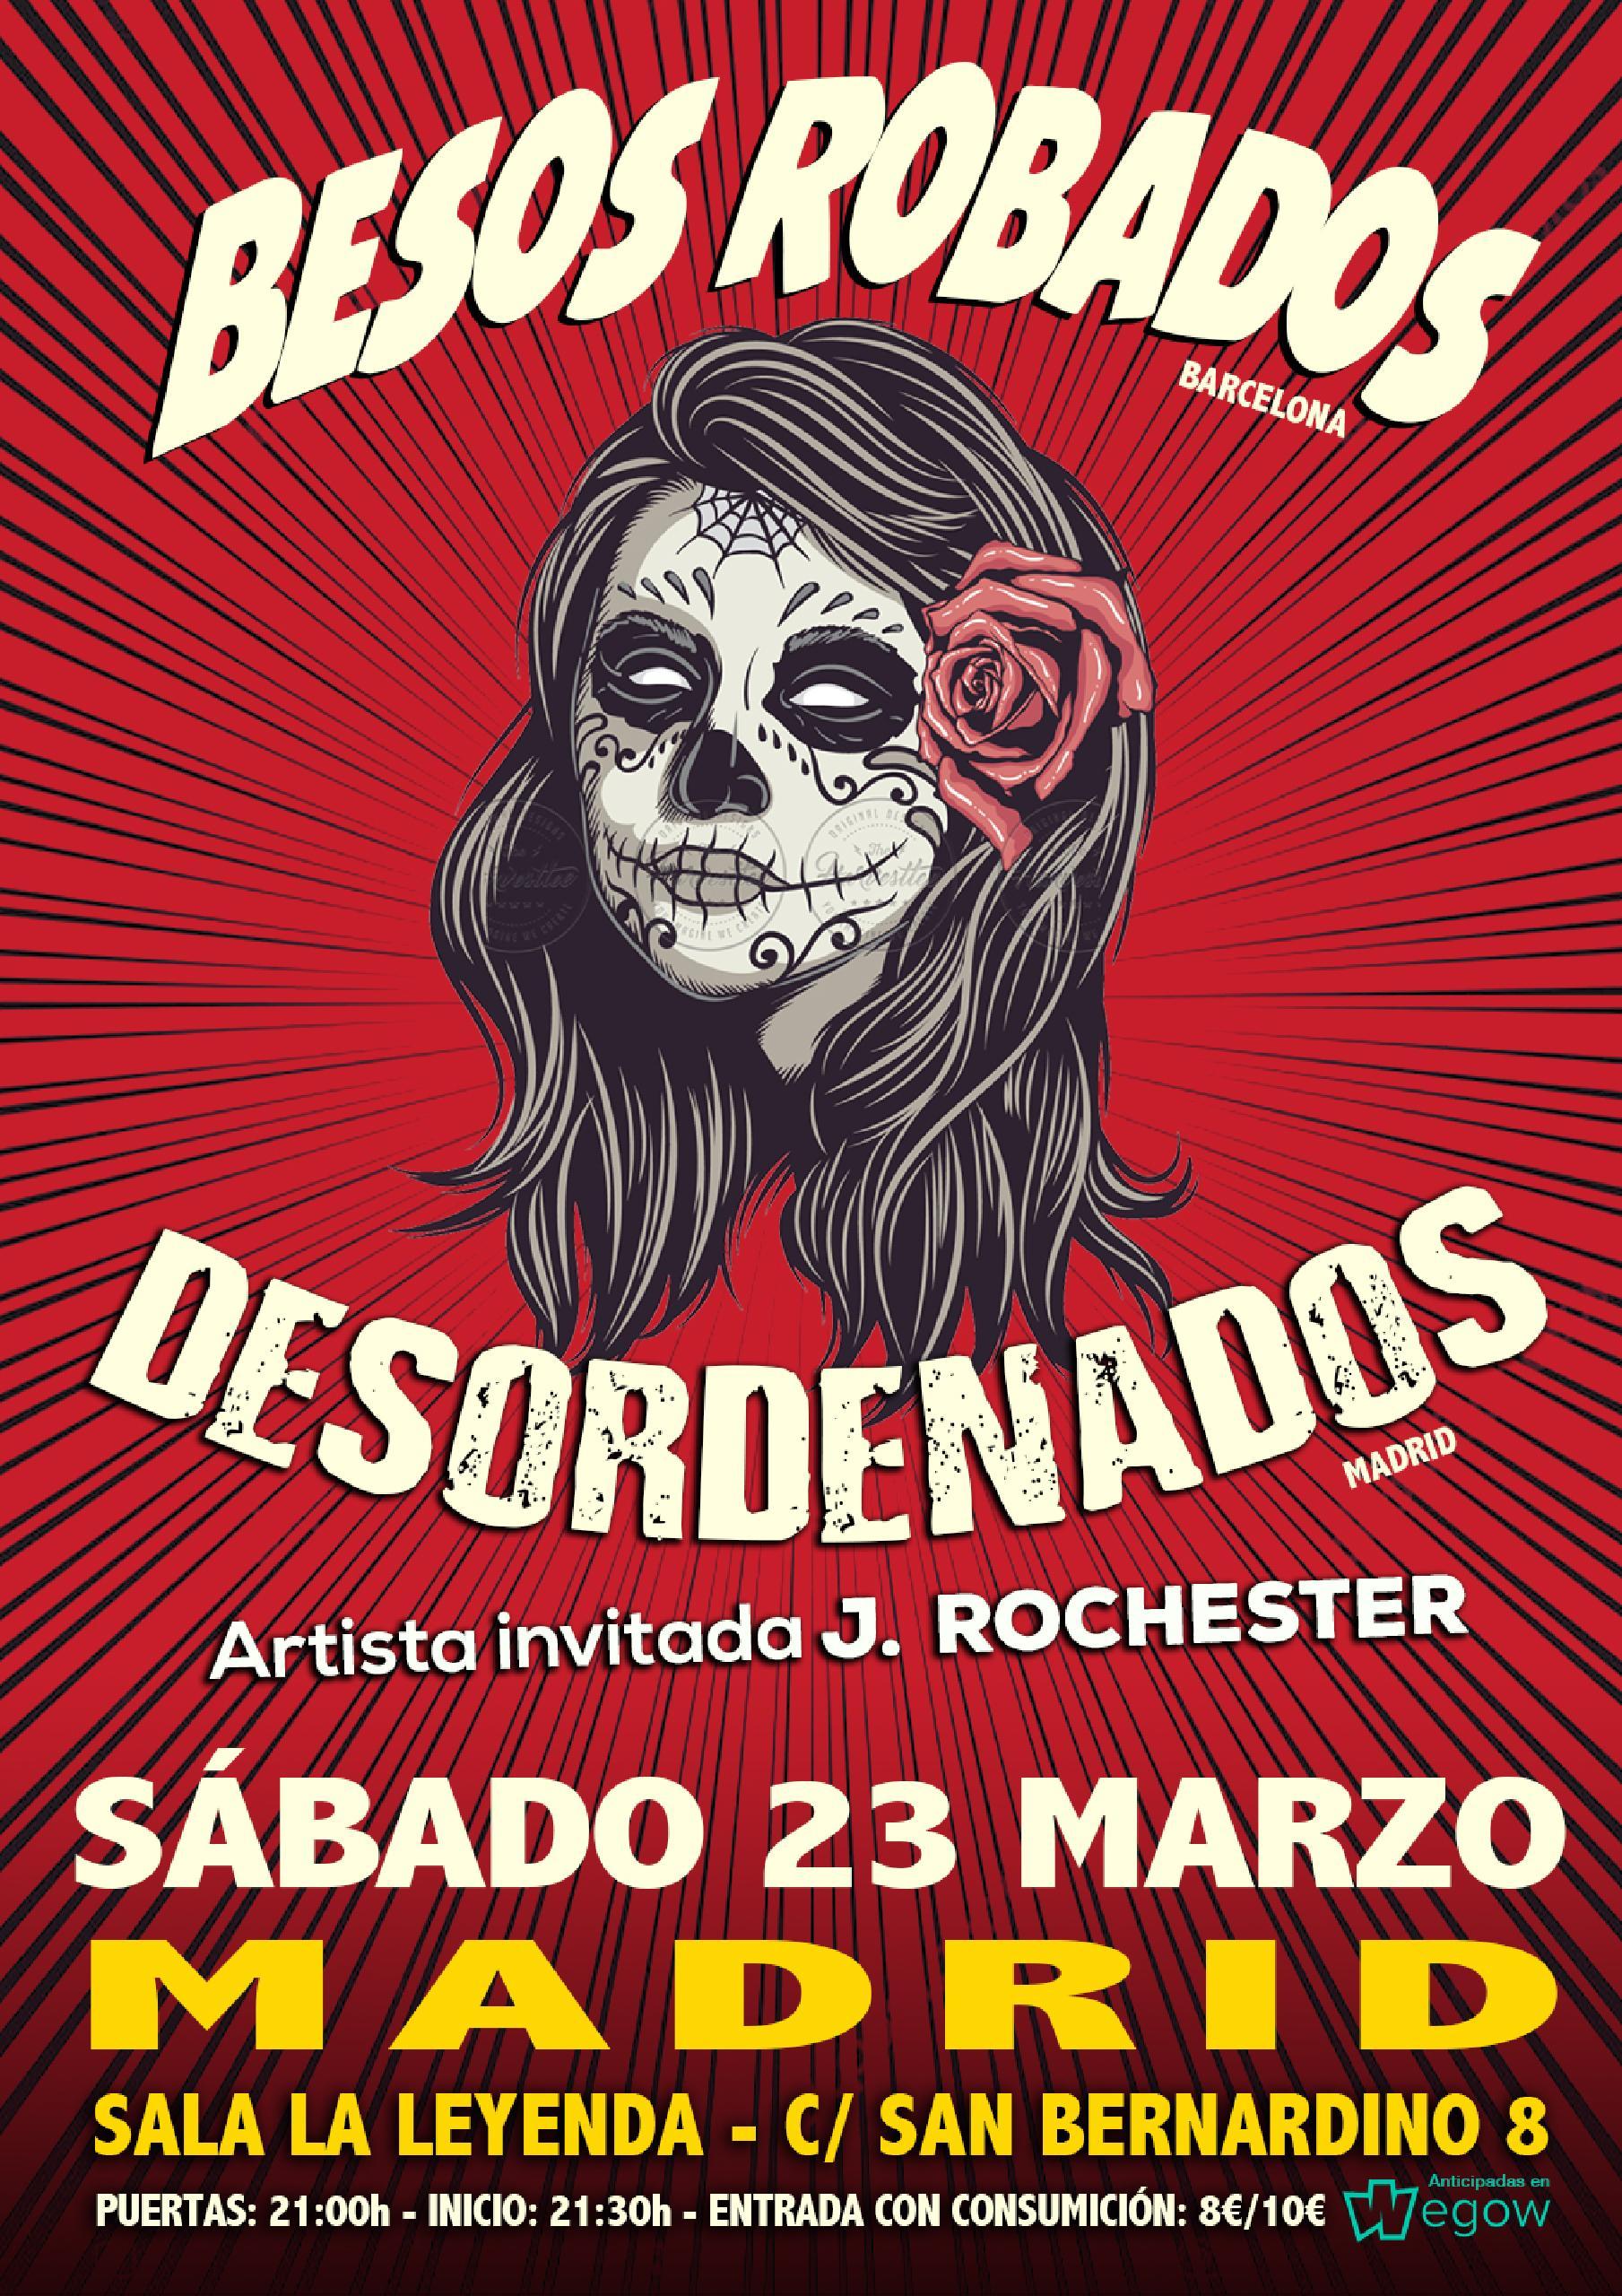 BESOS ROBADOS + DESORDENADOS